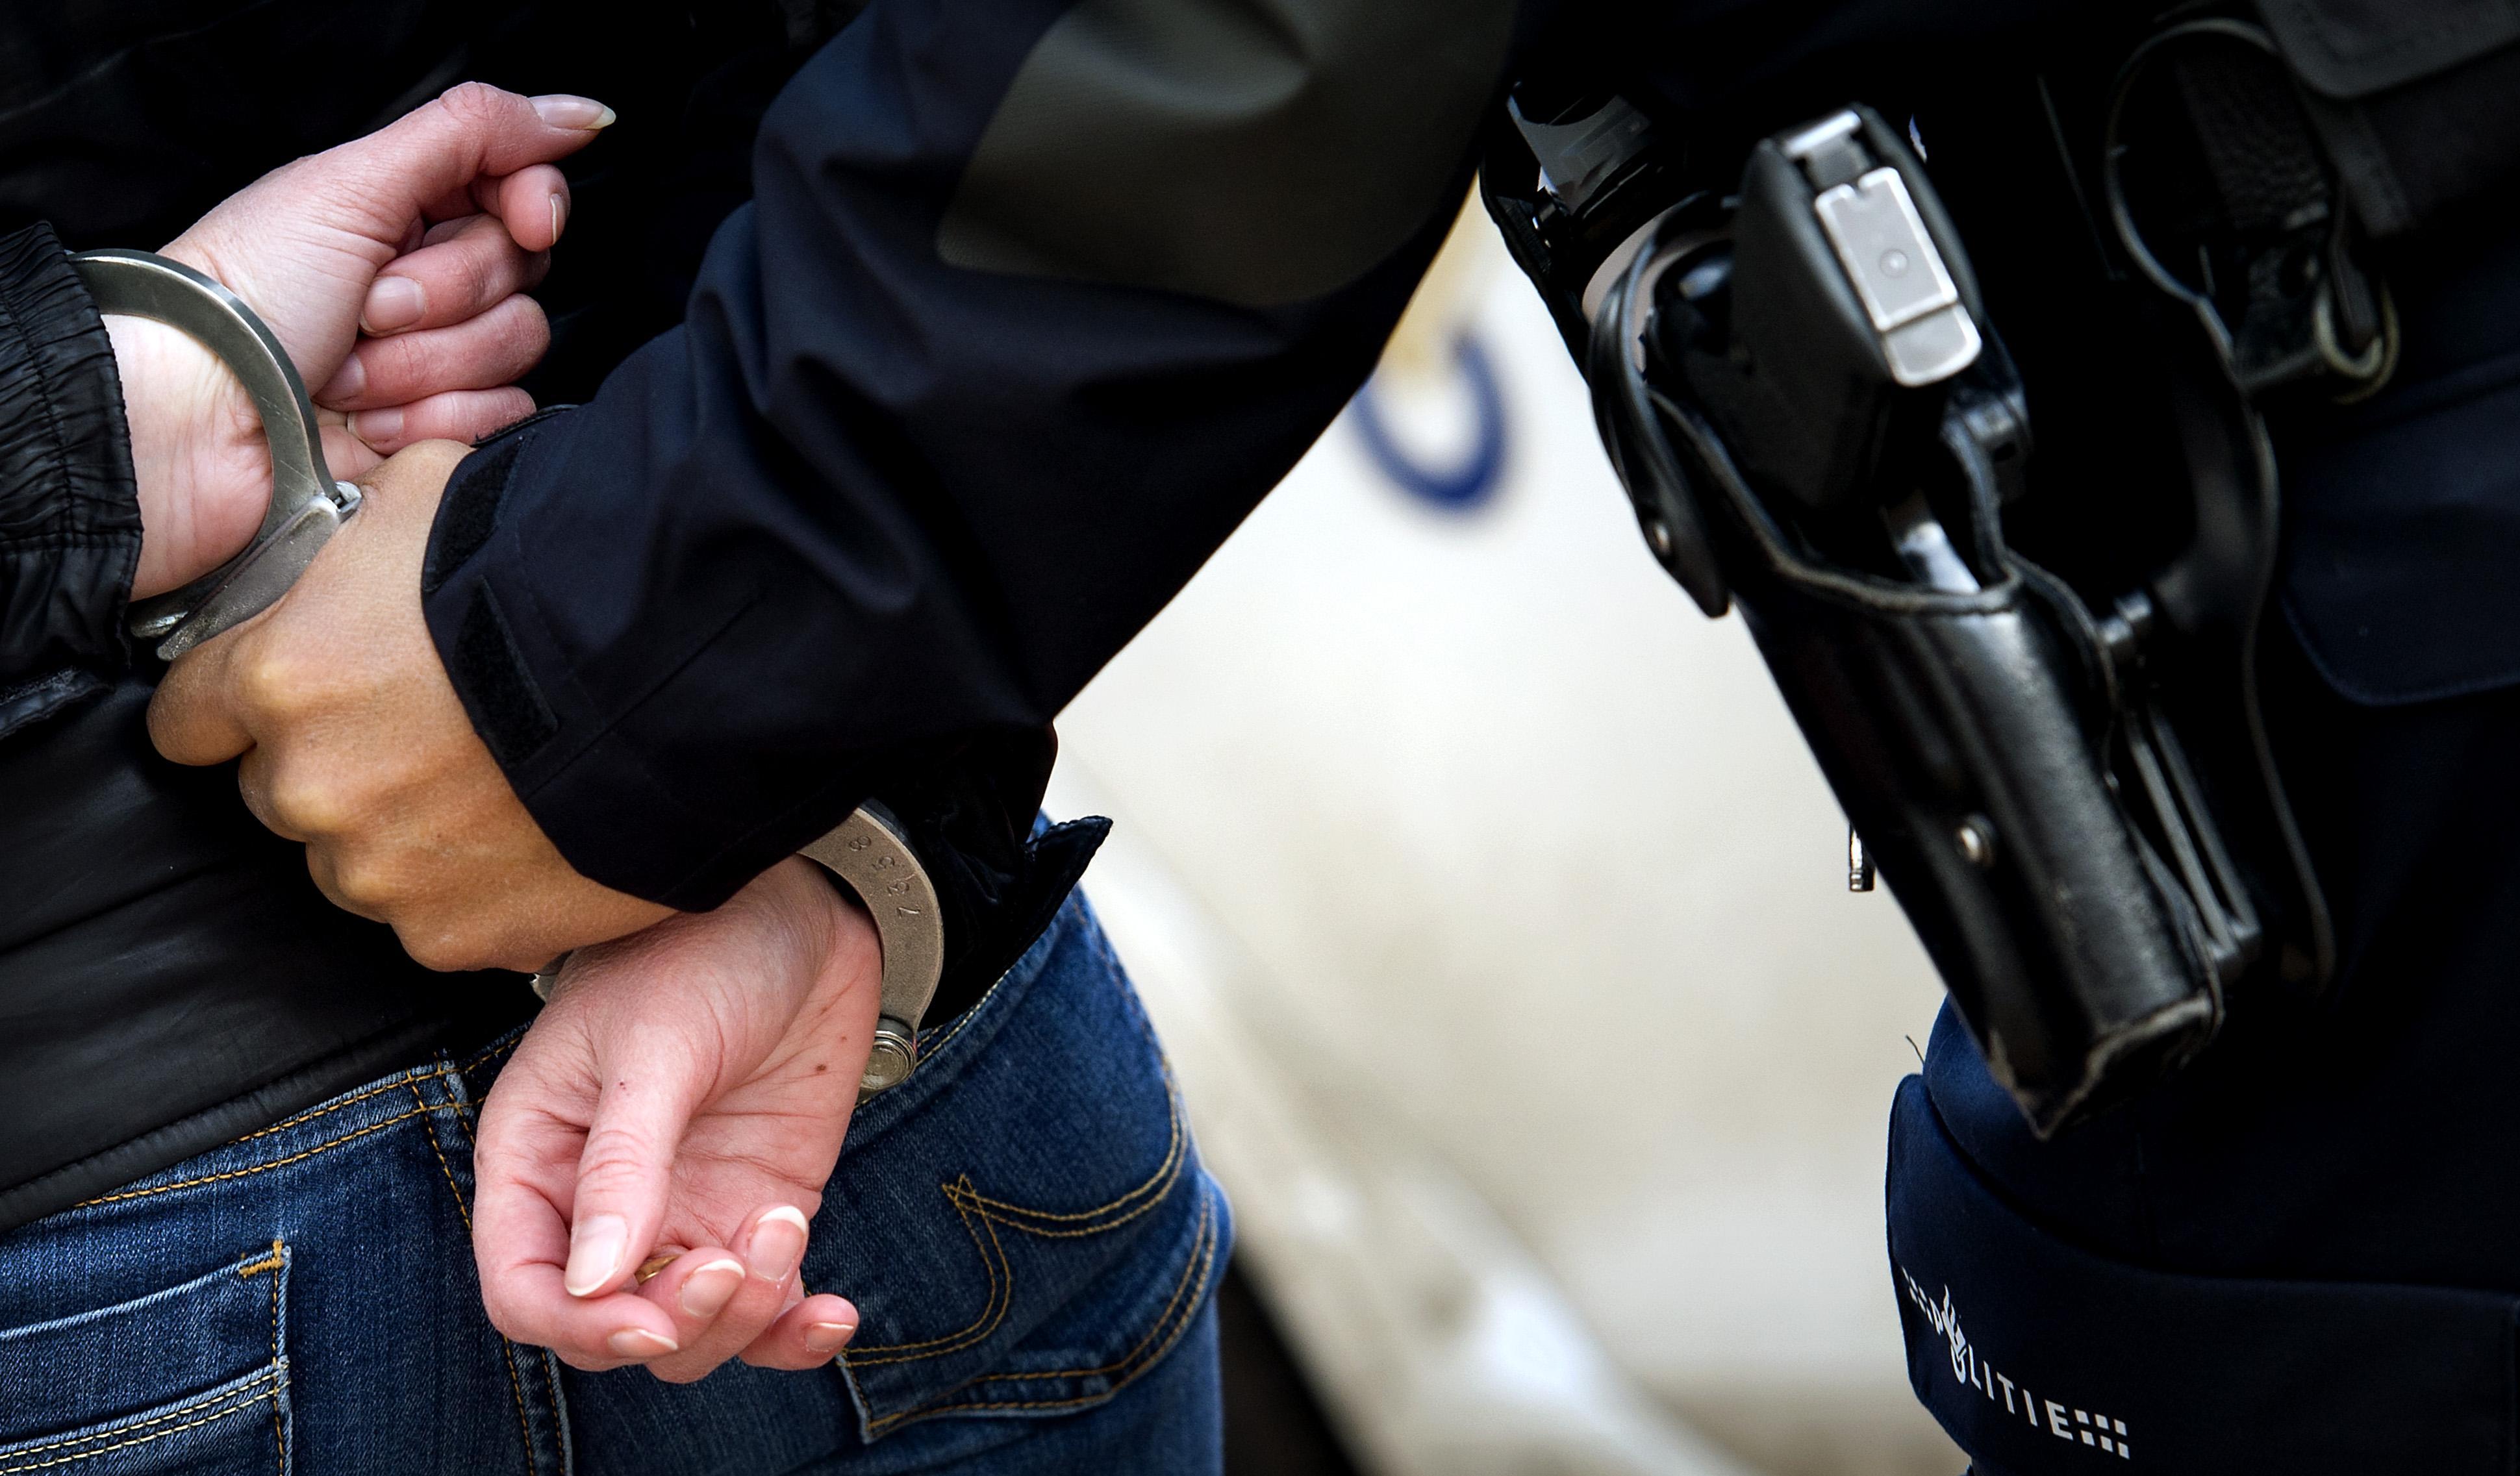 Politieman uit Heiloo en Beverwijker vast in corruptiezaak: verdachten in het vizier als gevolg van groot onderzoek naar berichtenverkeer criminelen